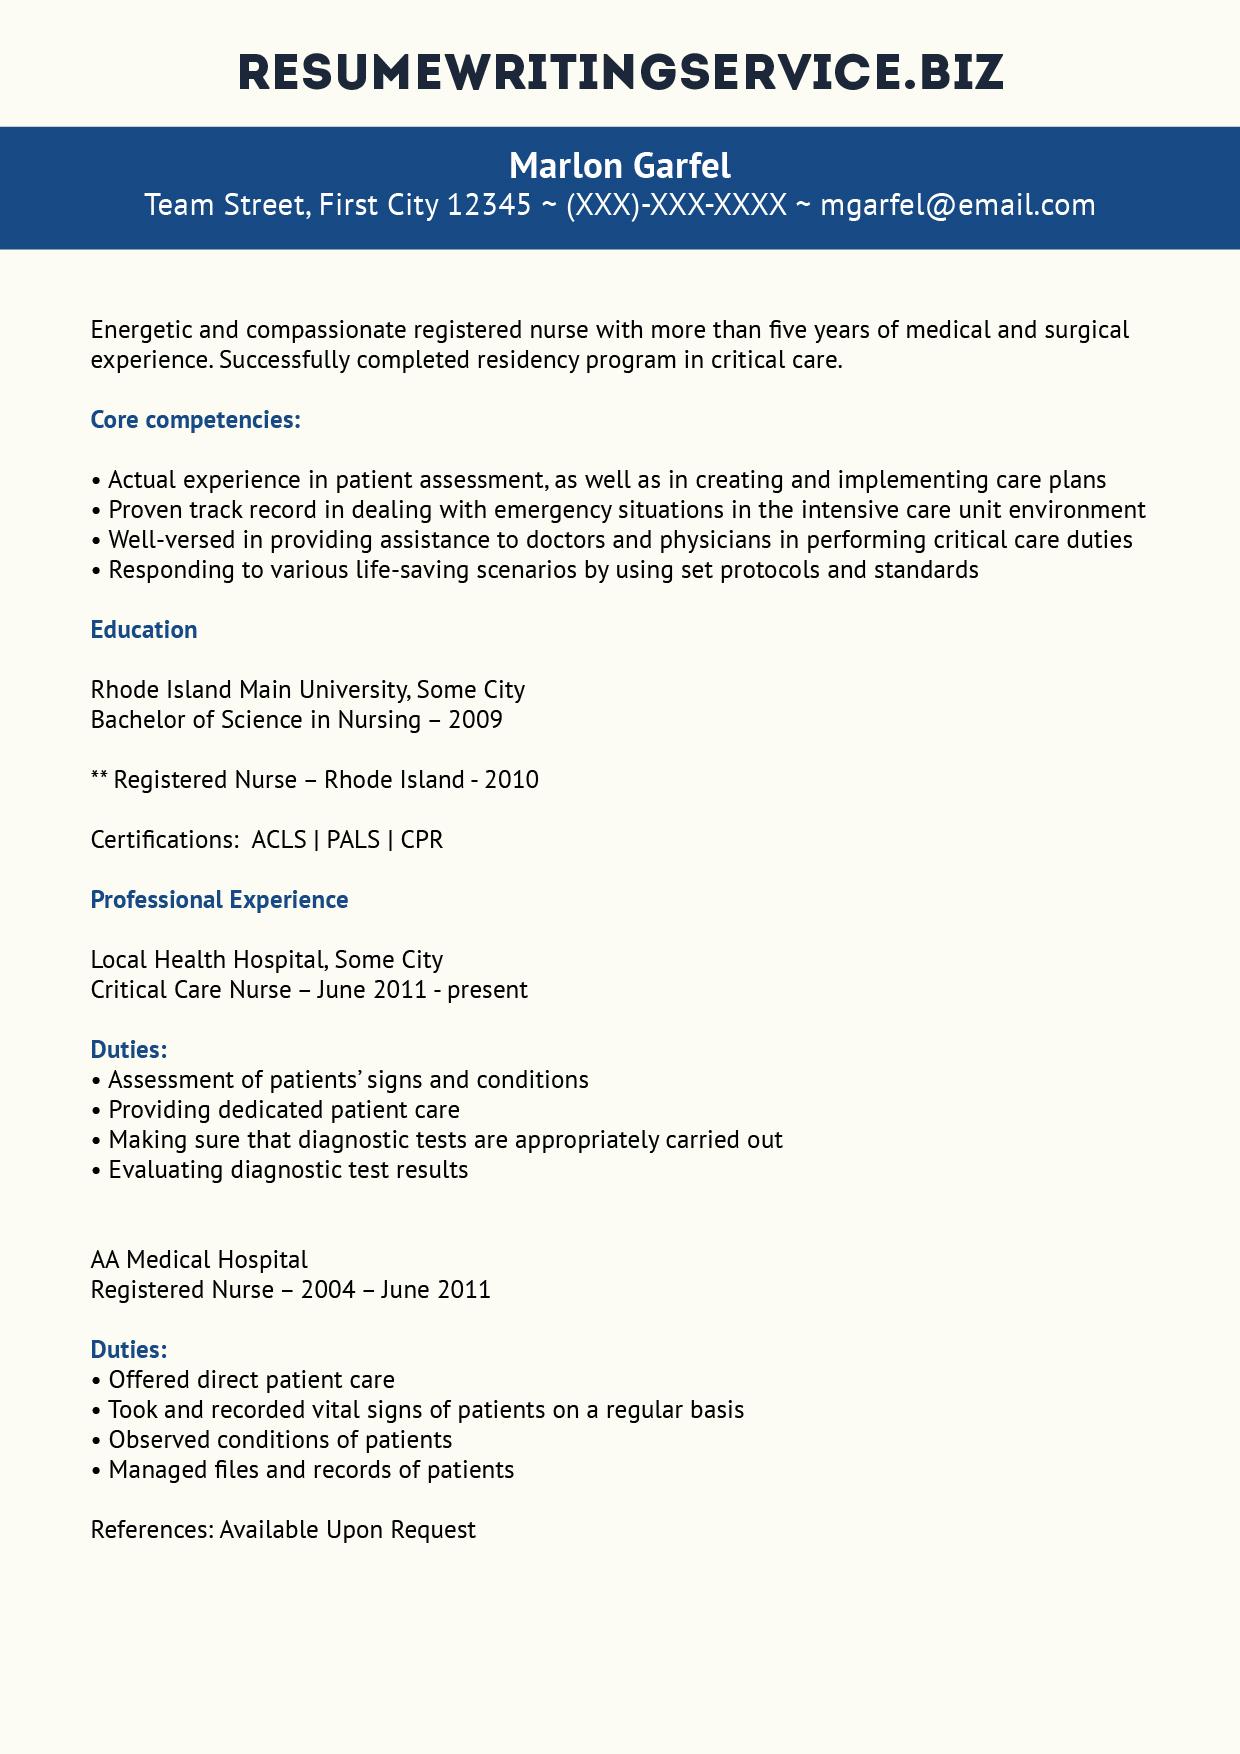 Quality Critical Care Nurse Resume